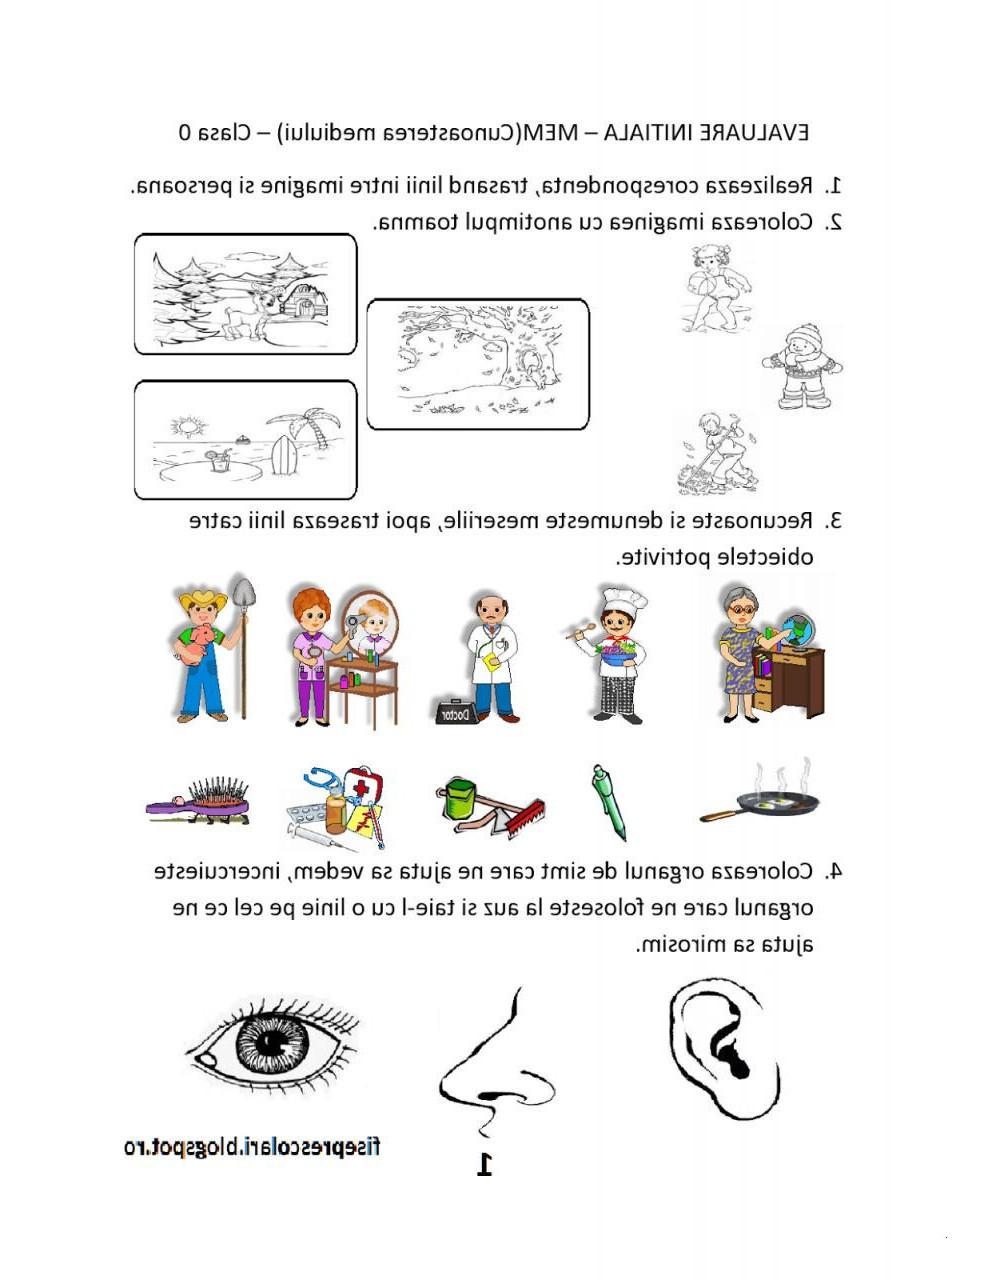 Ausmalbild Weltkugel Mit Kindern Genial 32 Fantastisch Ausmalbild Winter – Malvorlagen Ideen Stock